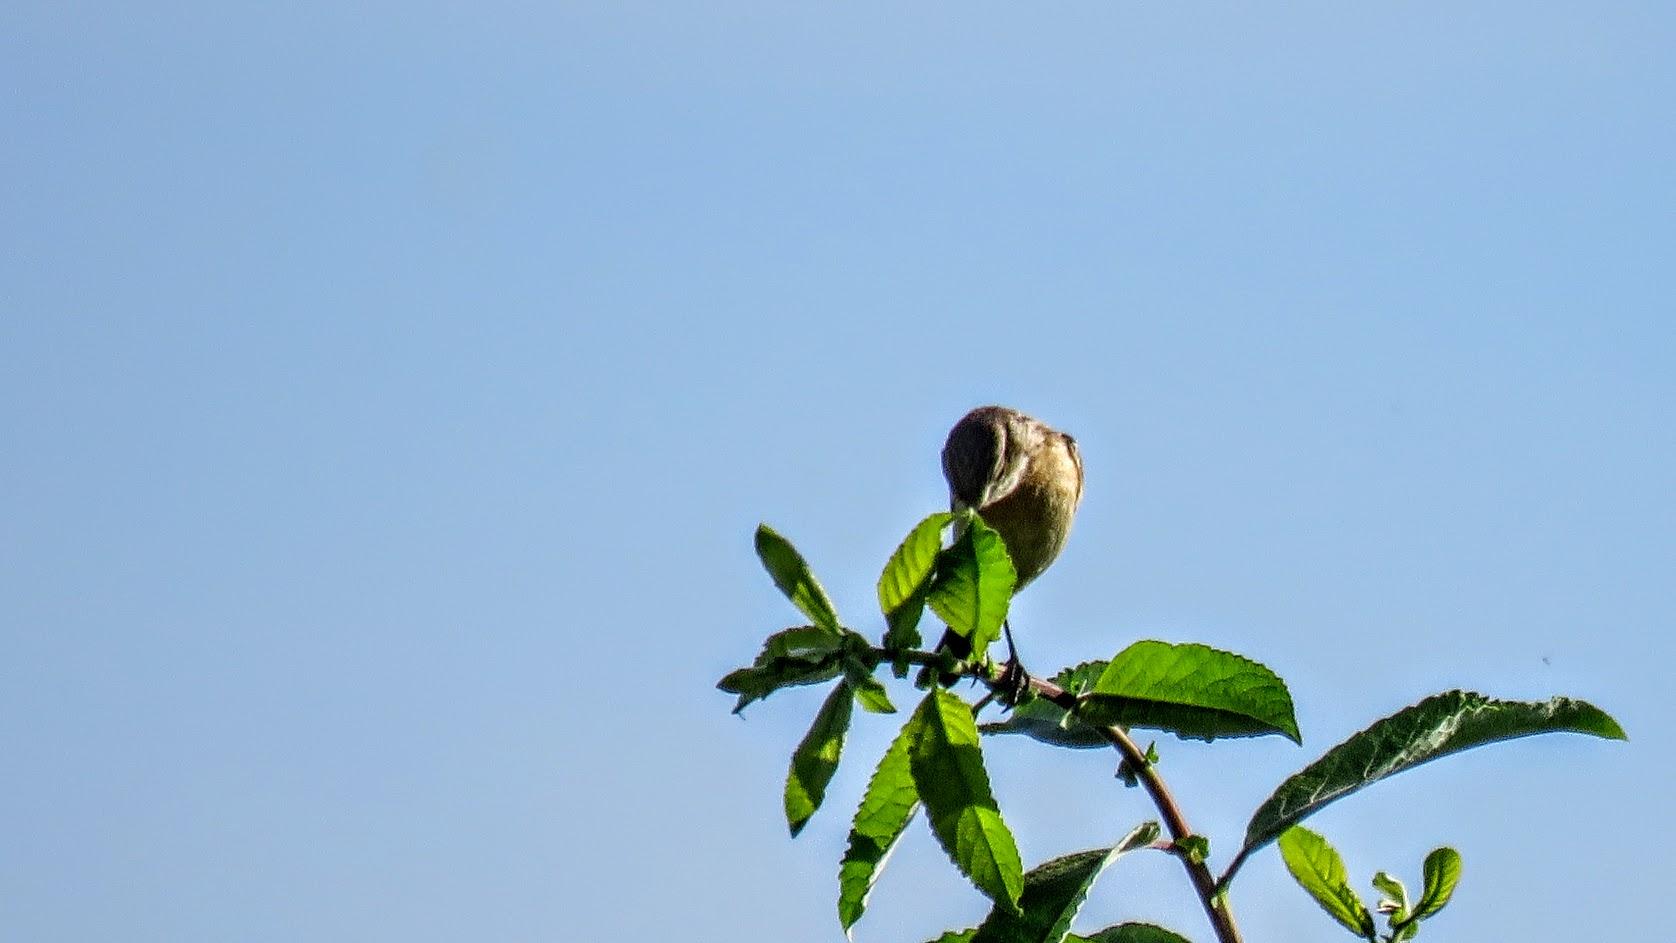 Цветики, птички, маслята и сосновые шишки. Мои припасы на зиму) IMG_6605.jpg